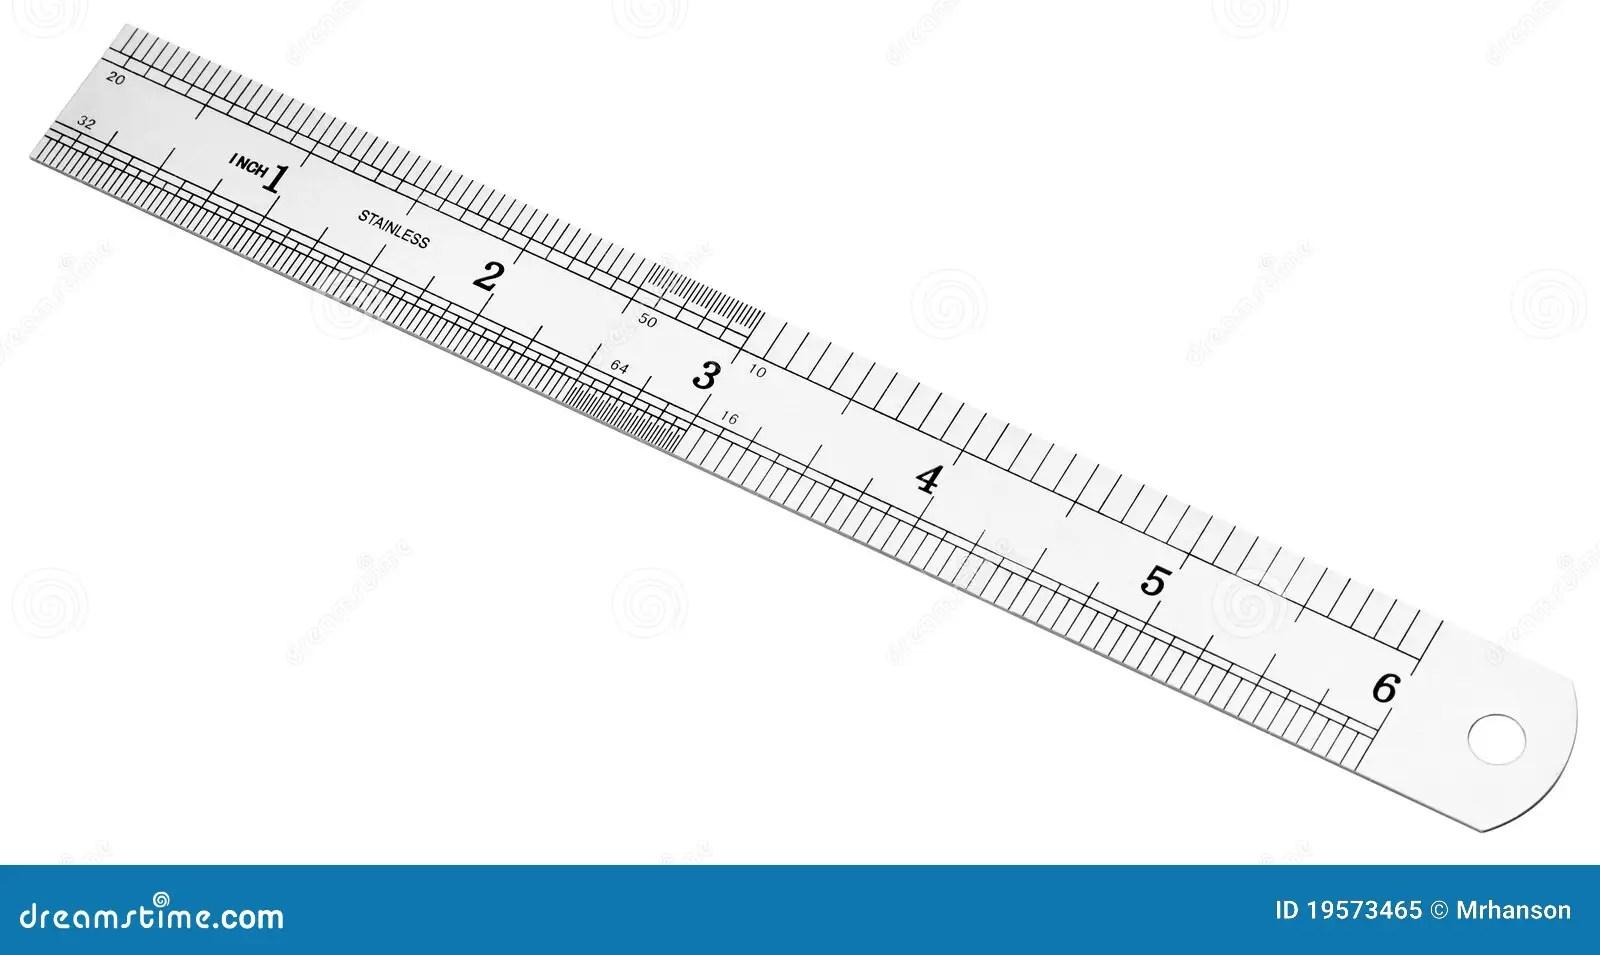 Millimeter Inch Ruler